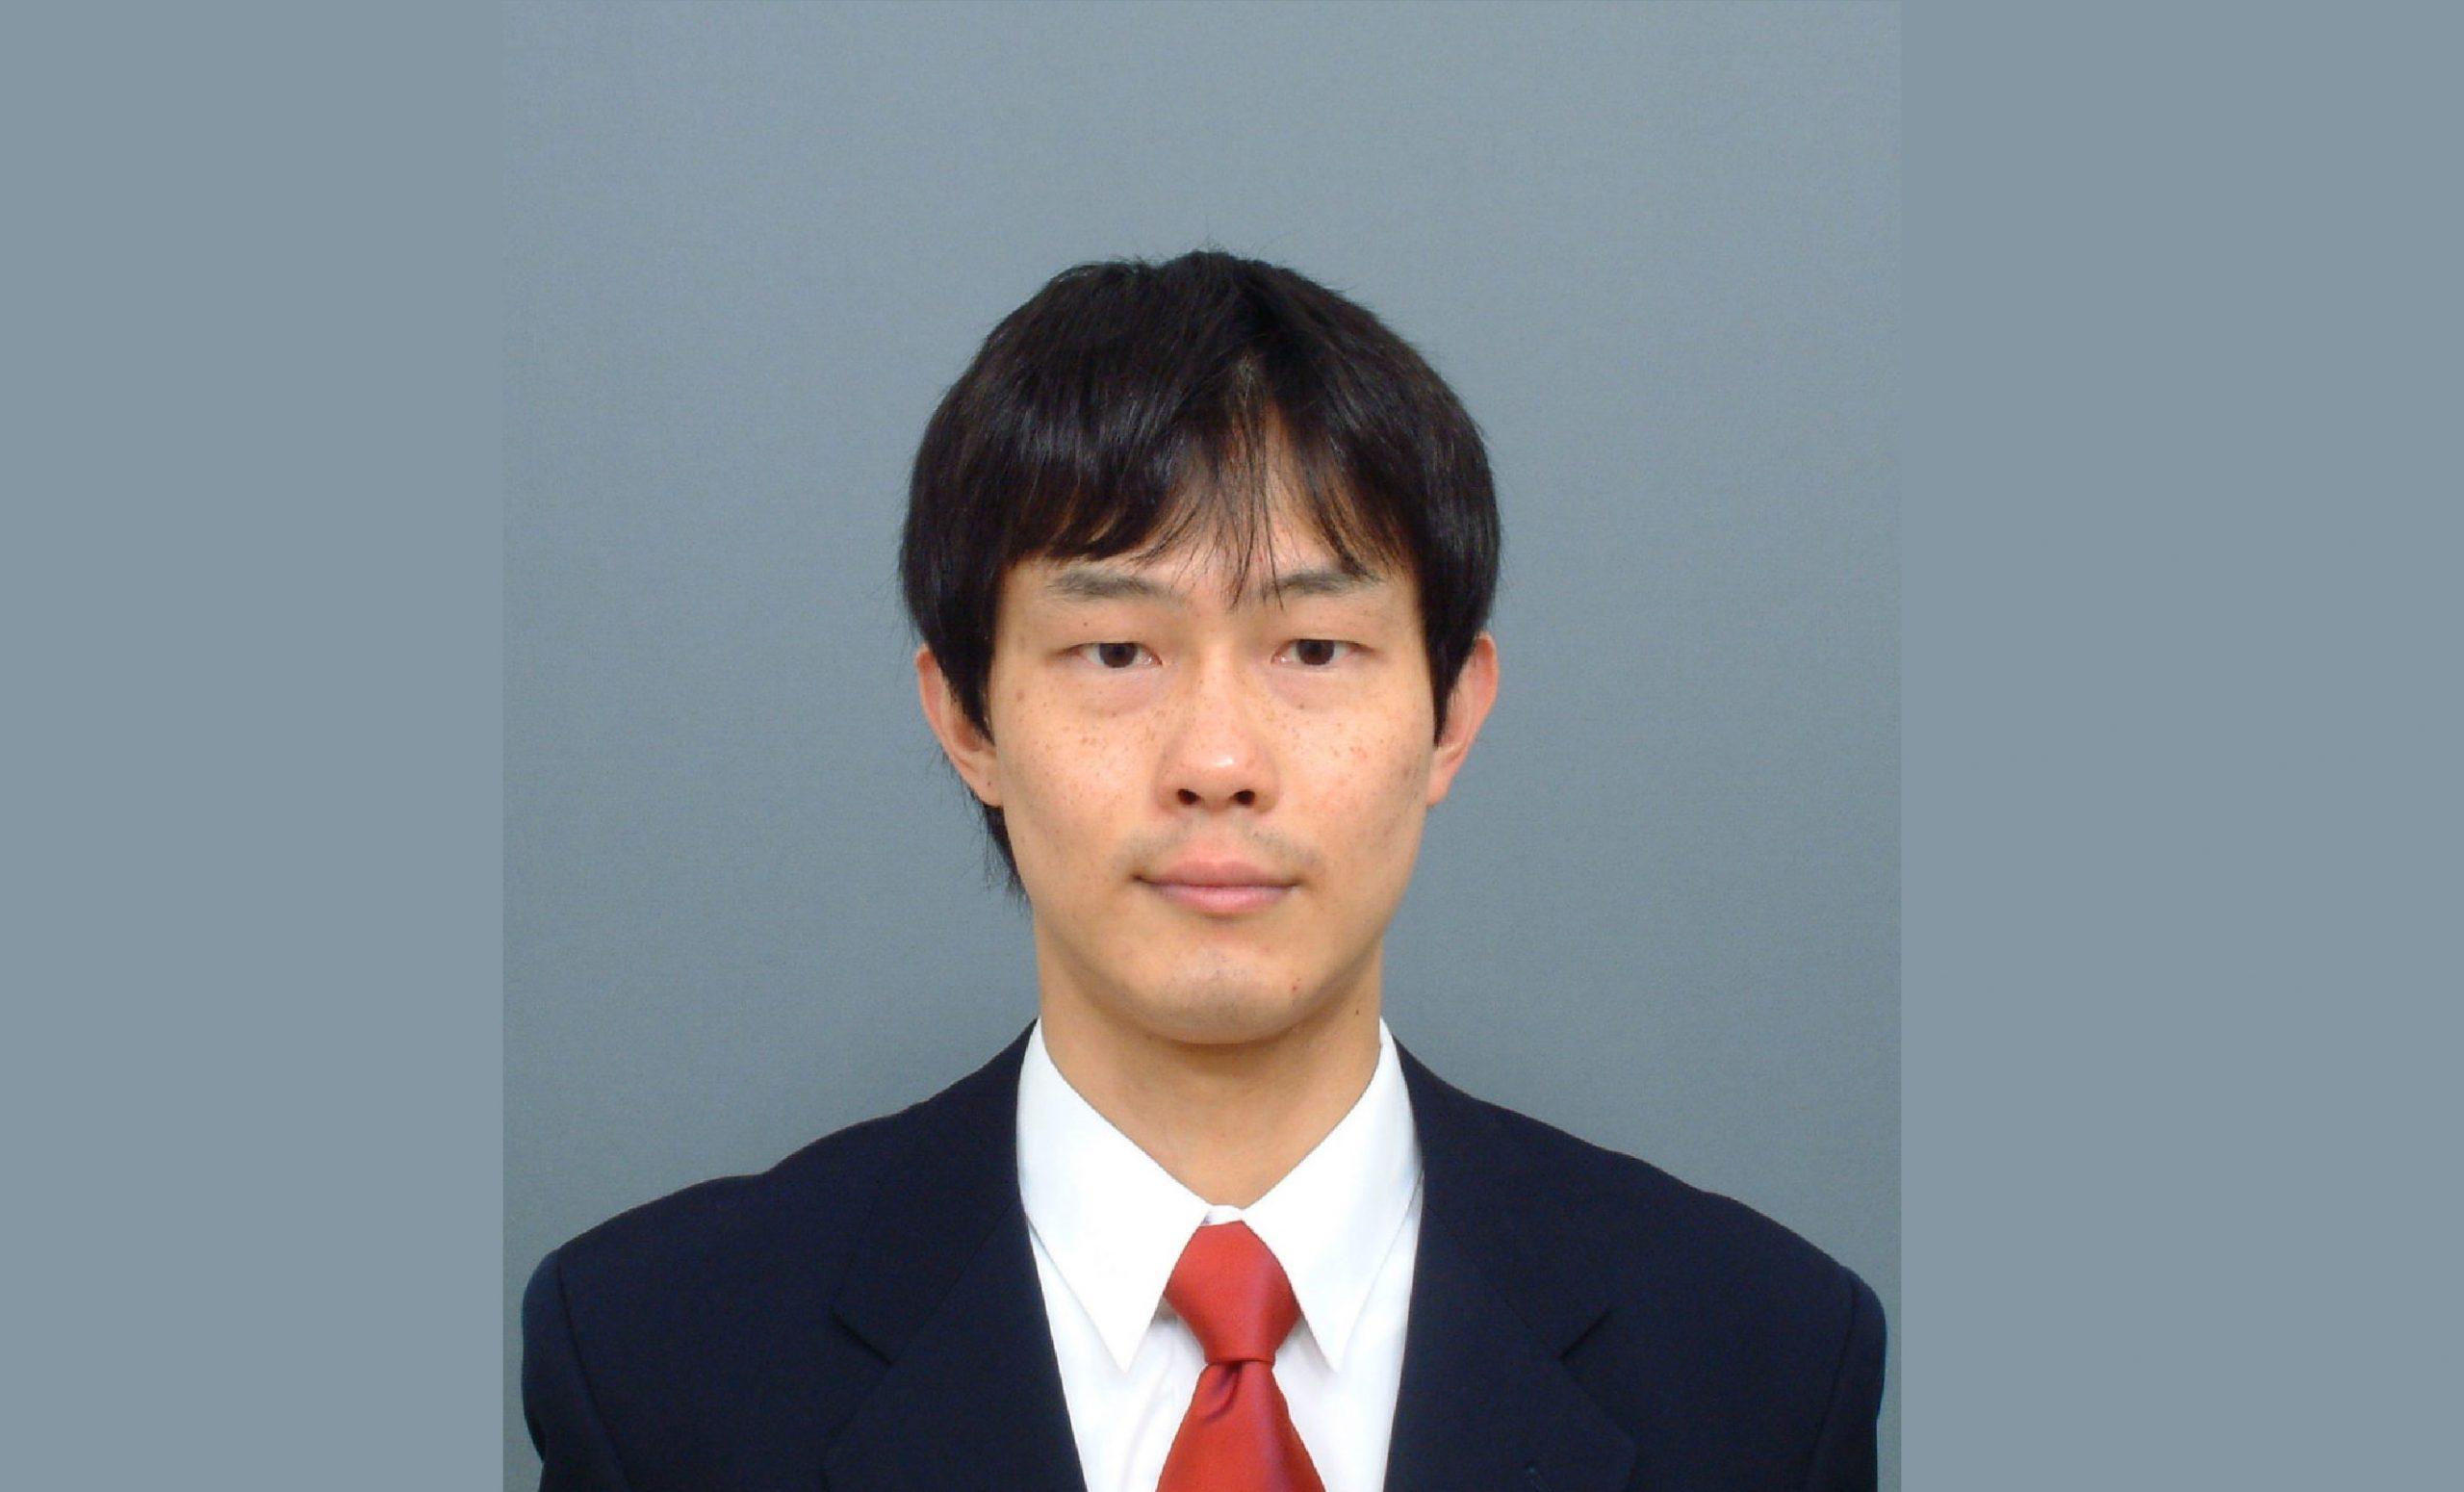 【調査研究助成】関西外国語大学 白崎 護准教授の研究報告サマリーをご紹介します